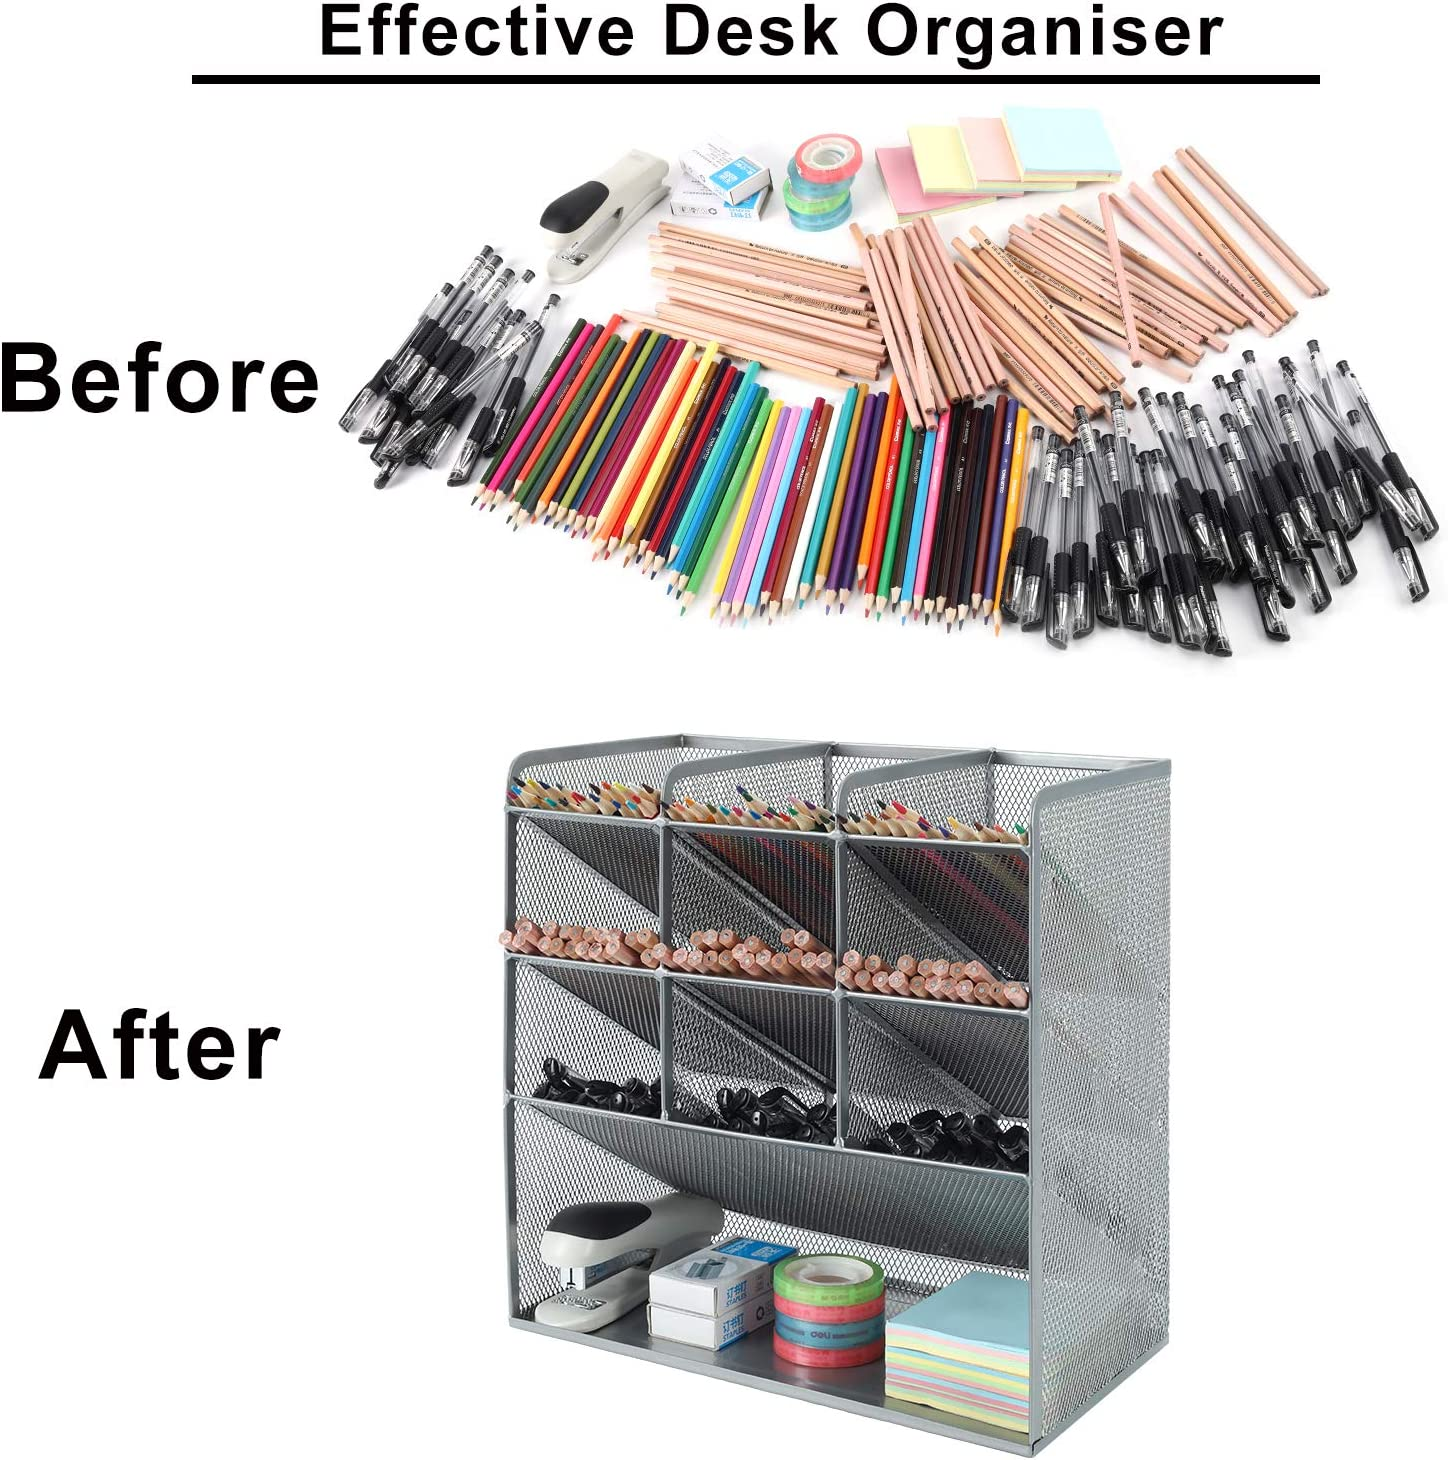 silberfarben Schreibtisch-Organizer Schreibwaren-Aufbewahrung Stifthalter vielseitig einsetzbar EasyPAG Schreibtisch-Organizer mit 4 Etagen Netzstoff